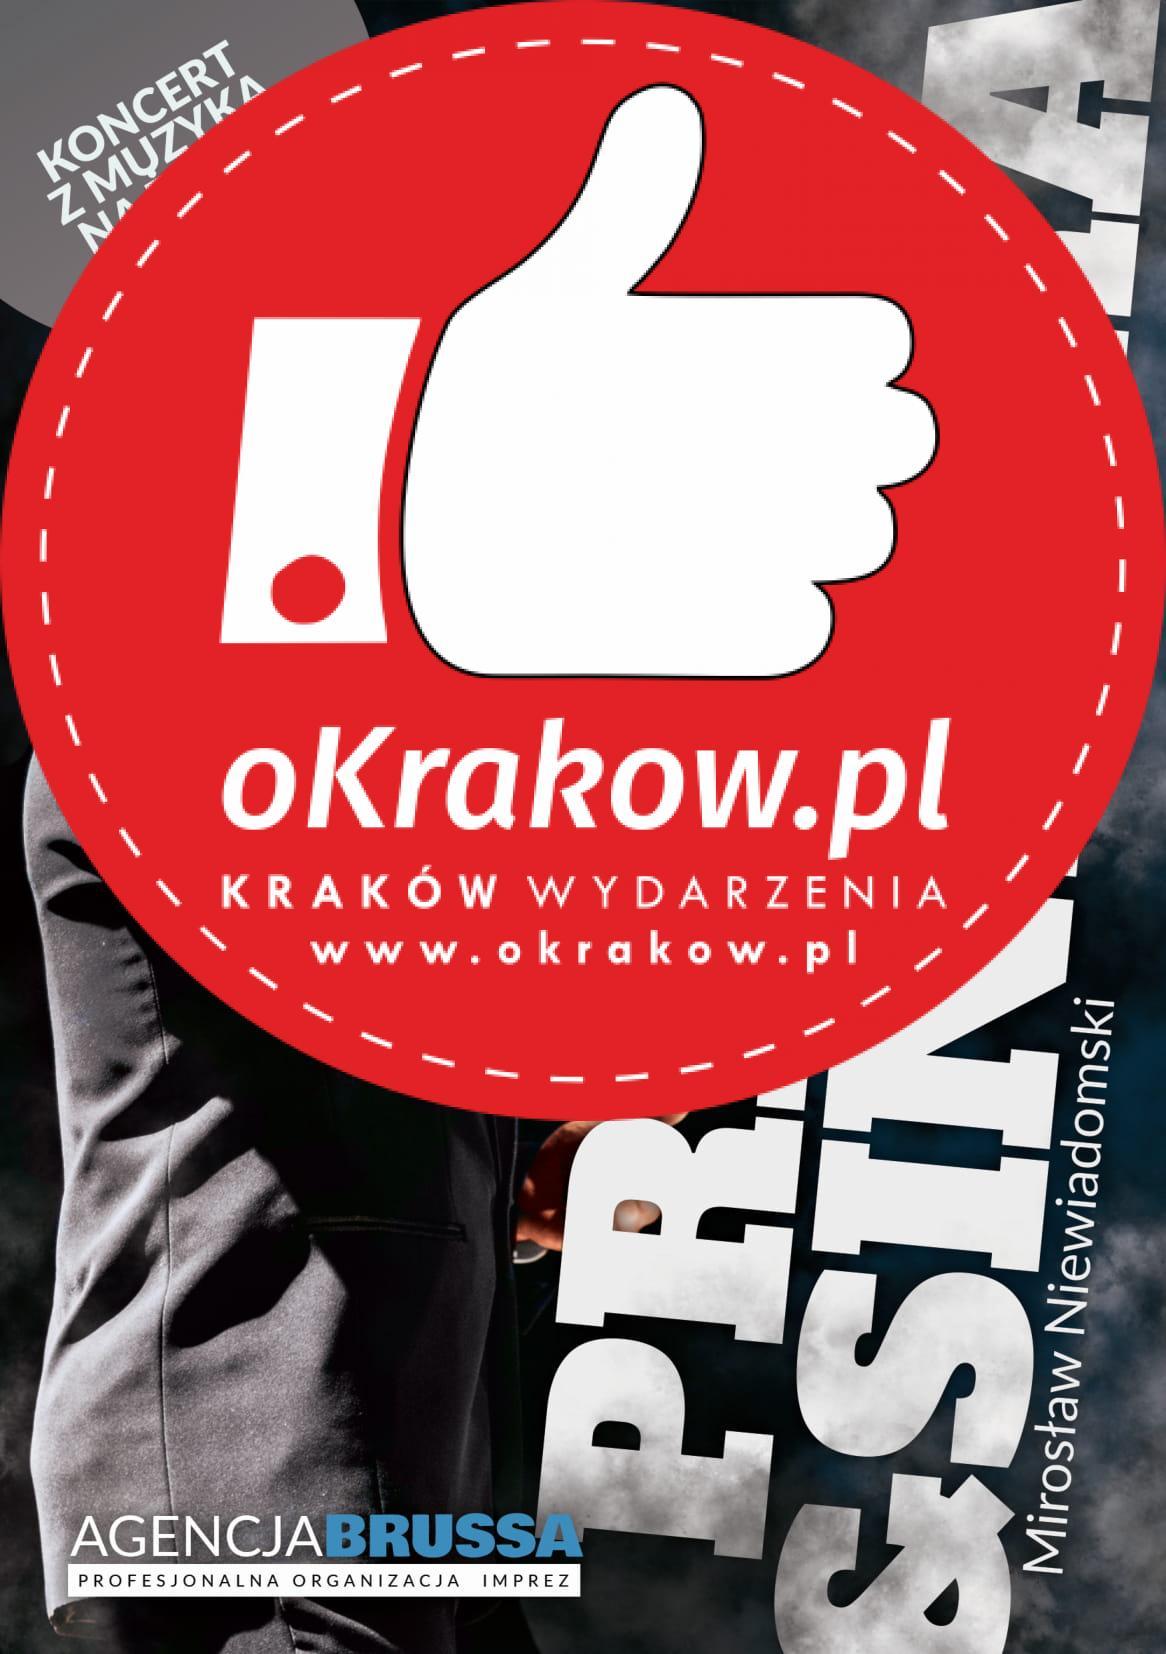 """ulotka przod - Mirosław Niewiadomski """"Presley&Sinatra"""""""